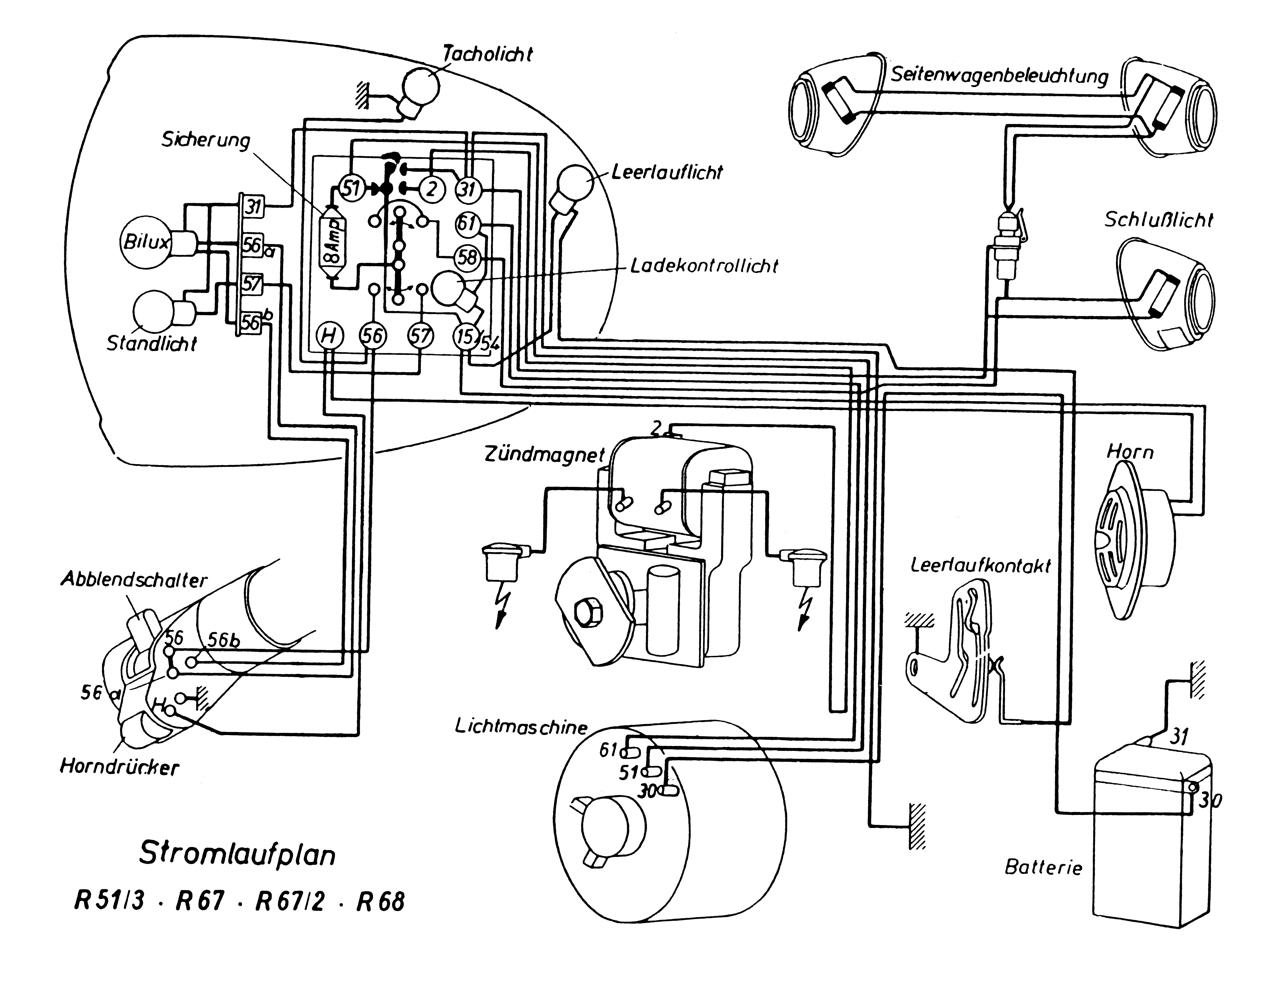 Powerdynamo Installationsanleitung Fr Bmw 2 Ventil Boxer Wiring Diagram Original Schaltplne Zum Vergrern Bitte Anklicken Diagrams Please Click On It For Enlargement